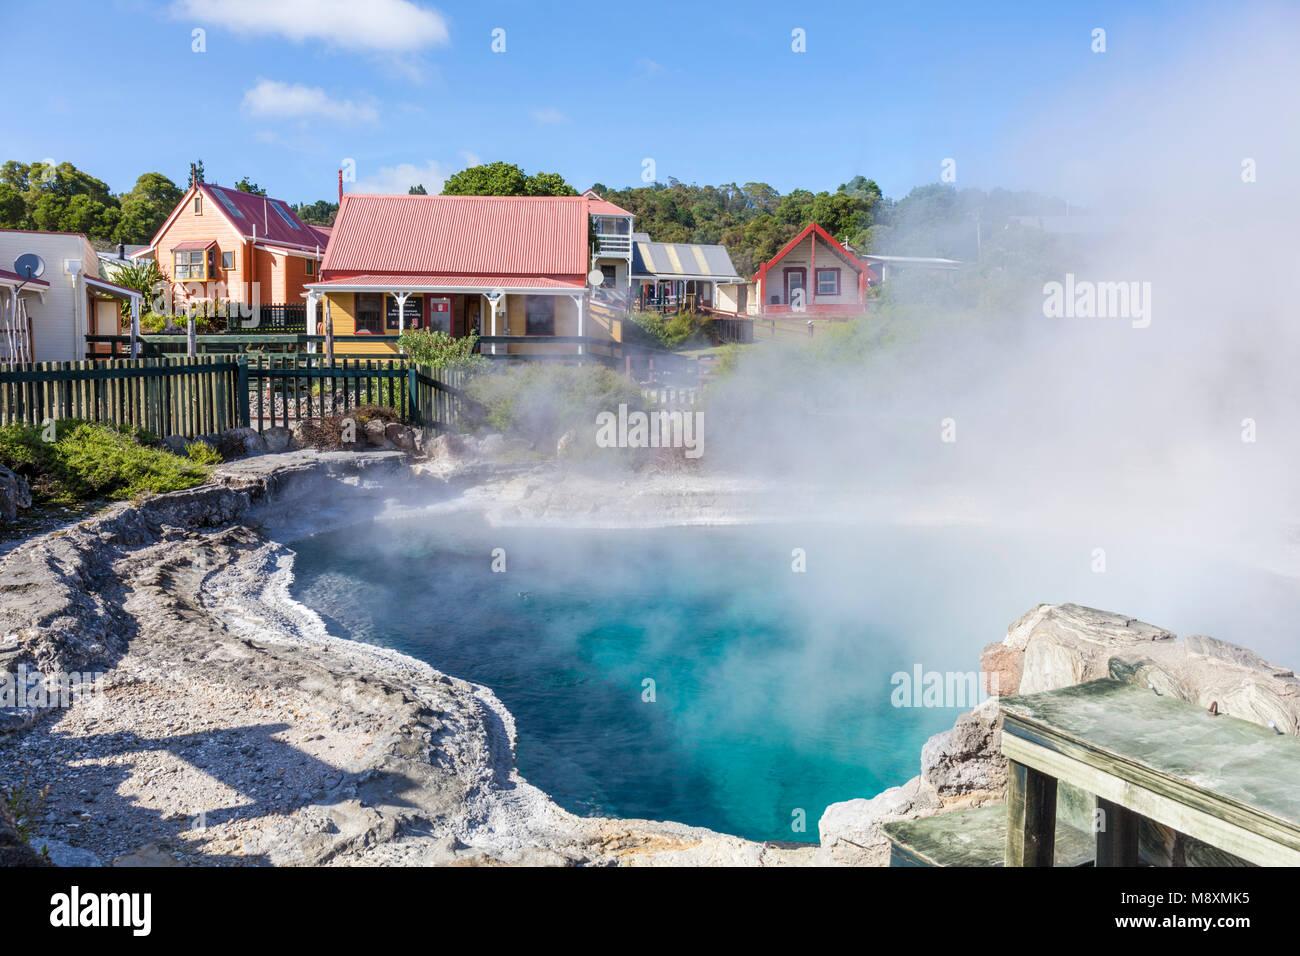 Neuseeland rotorua Neuseeland whakarewarewa rotorua Parekohuru Thermalbecken oder mörderischen Wellen hot pool Stockbild